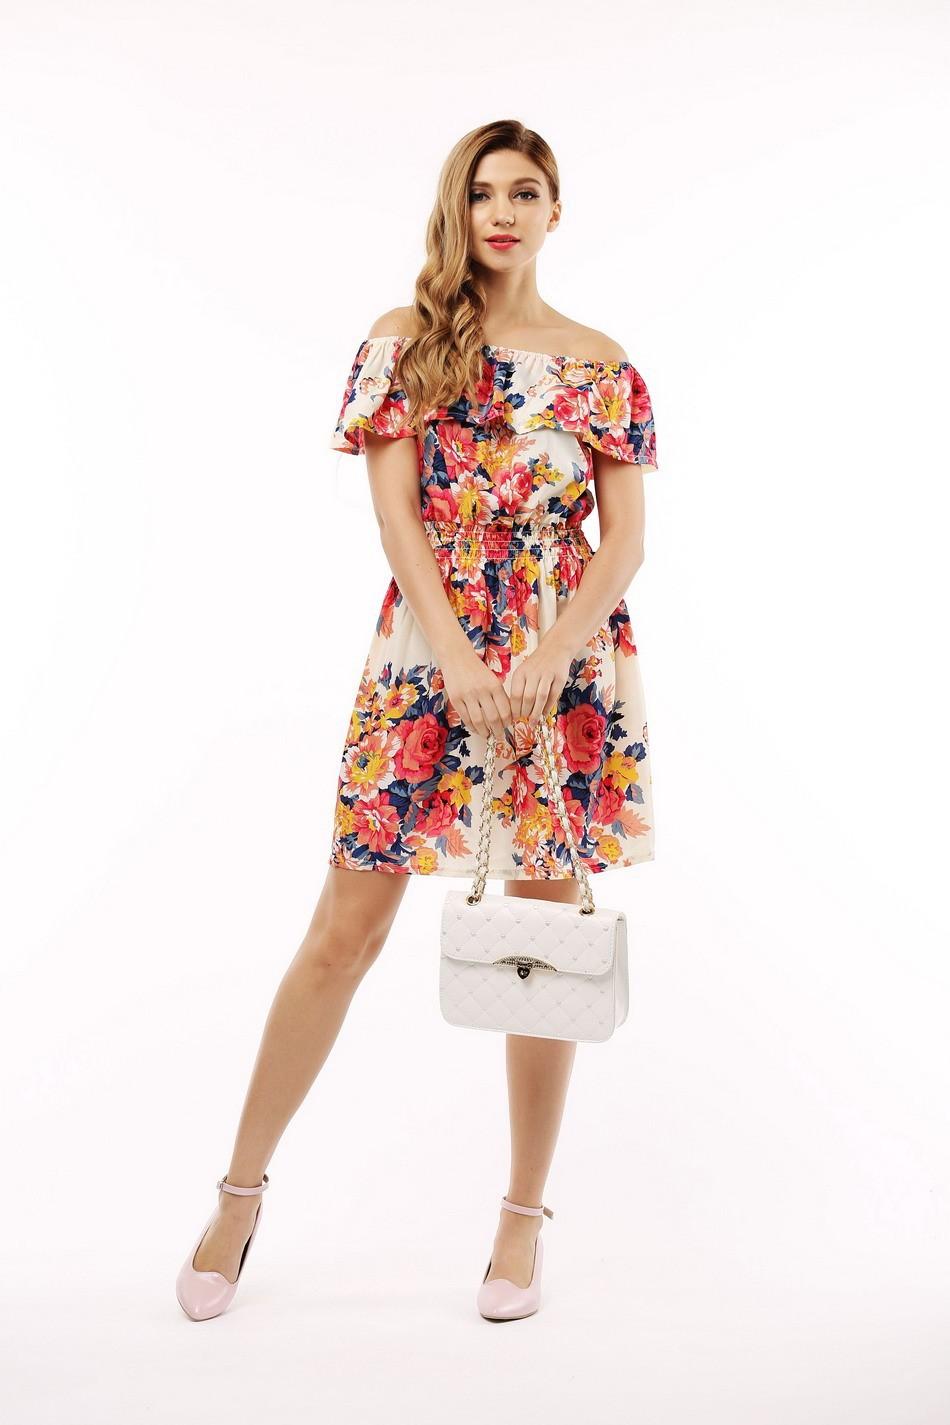 2017 fashion nowa wiosna lato plus size odzież kobiet floral print wzór sukienki na co dzień vestidos wc0472 7